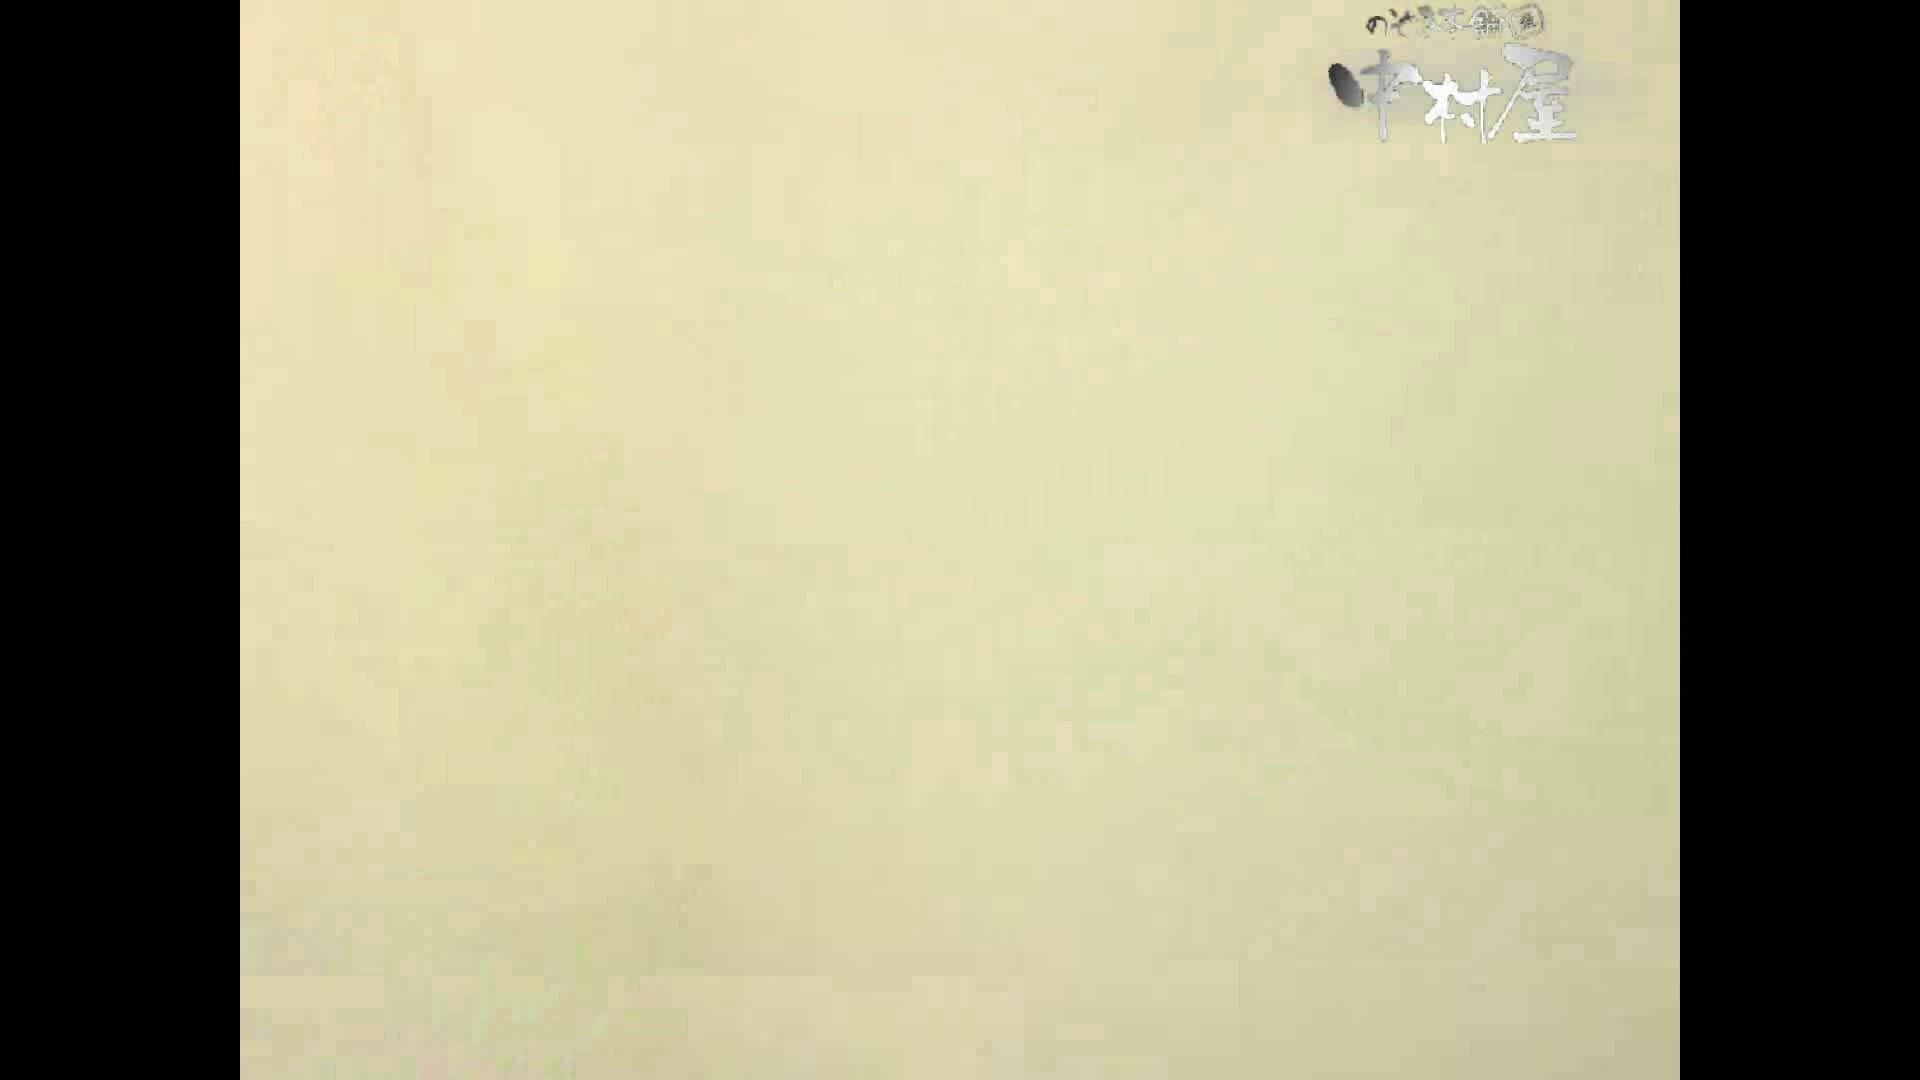 岩手県在住盗撮師盗撮記録vol.12 ハプニング映像 AV無料動画キャプチャ 91PIX 24